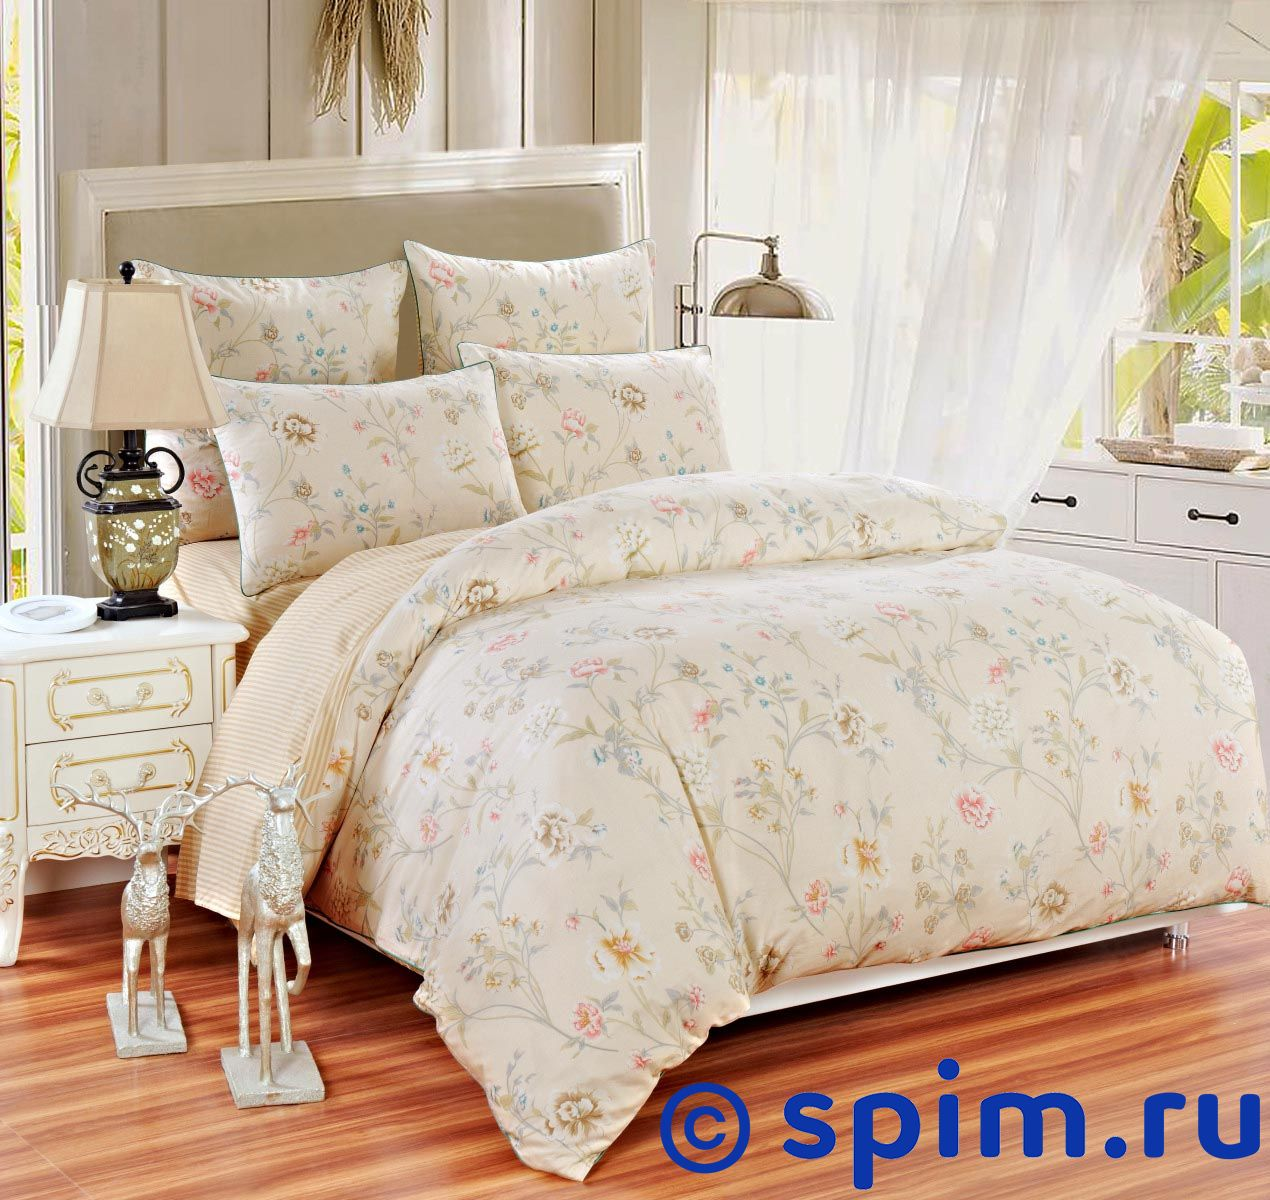 Постельное белье Sofi De Marko Вероника, бежевый Евро-стандарт постельное белье sofi de marko патриция пудра евро стандарт